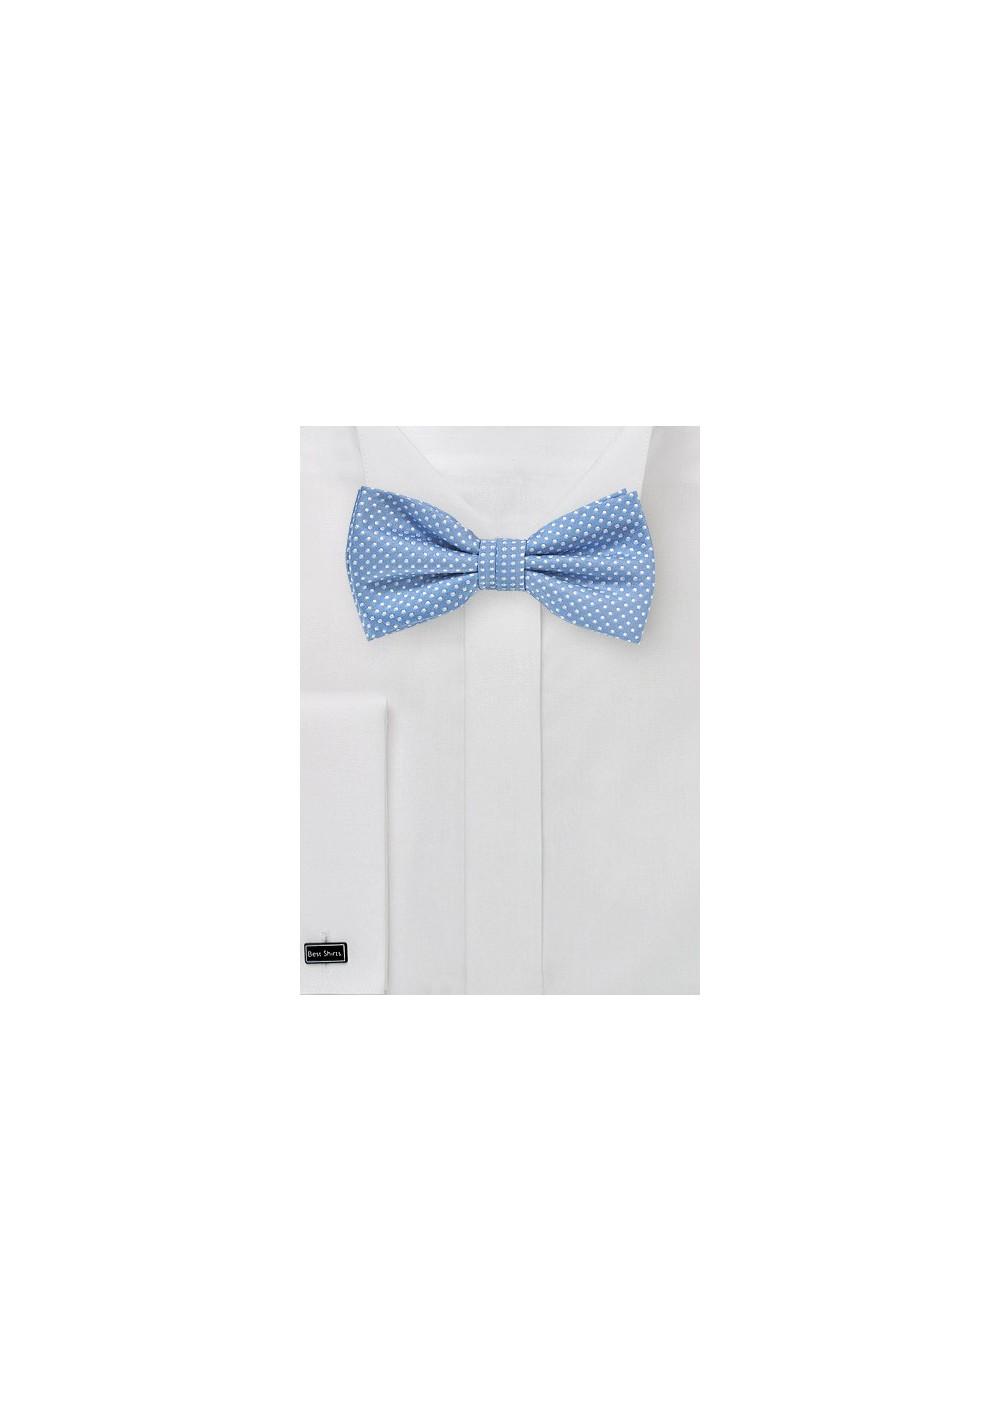 Pin Dot Bow Tie in Dusty Blue